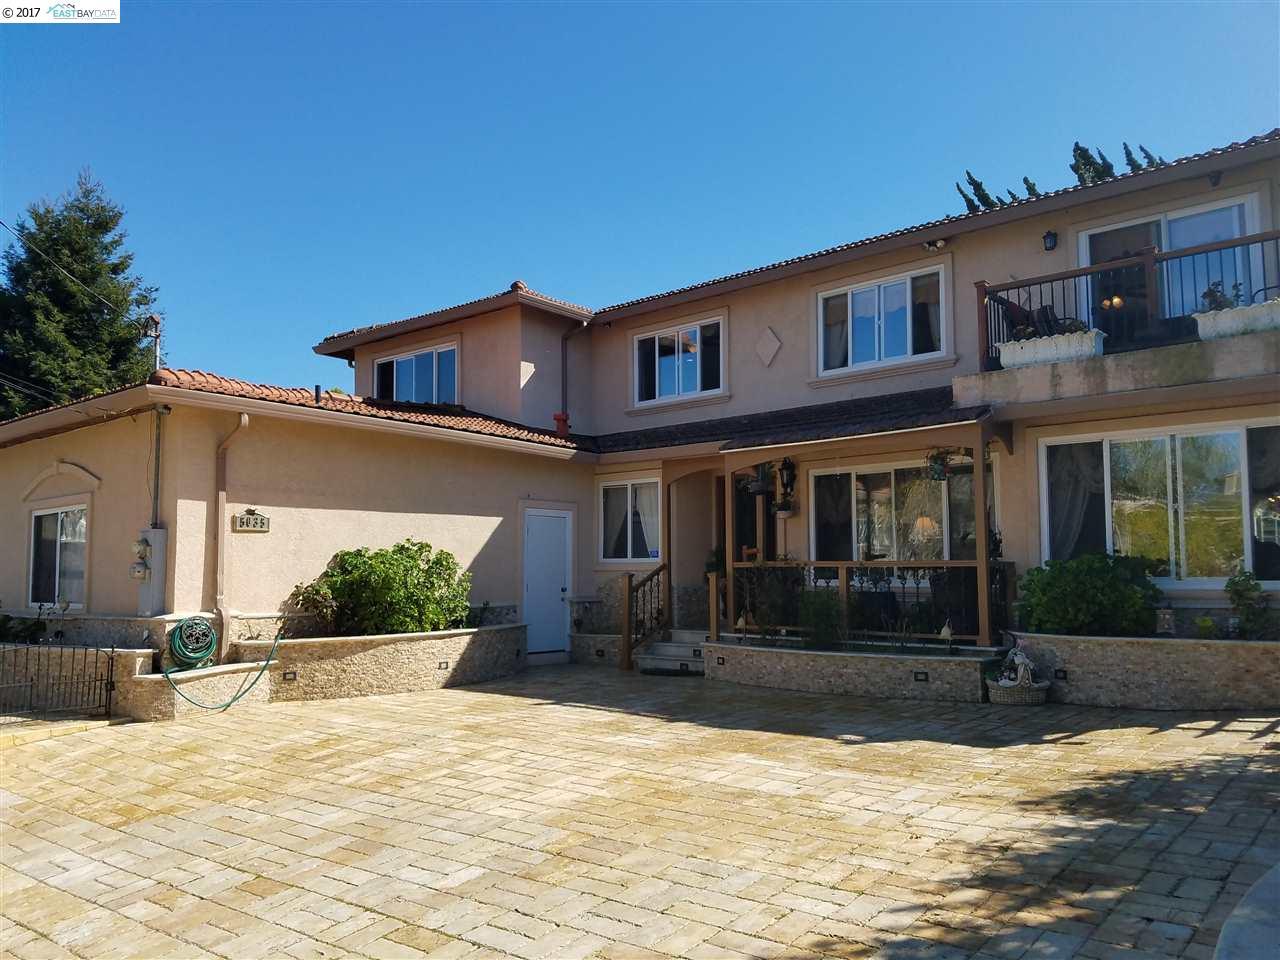 Single Family Home for Sale at 5035 Foxboro Drive Castro Valley, California 94546 United States